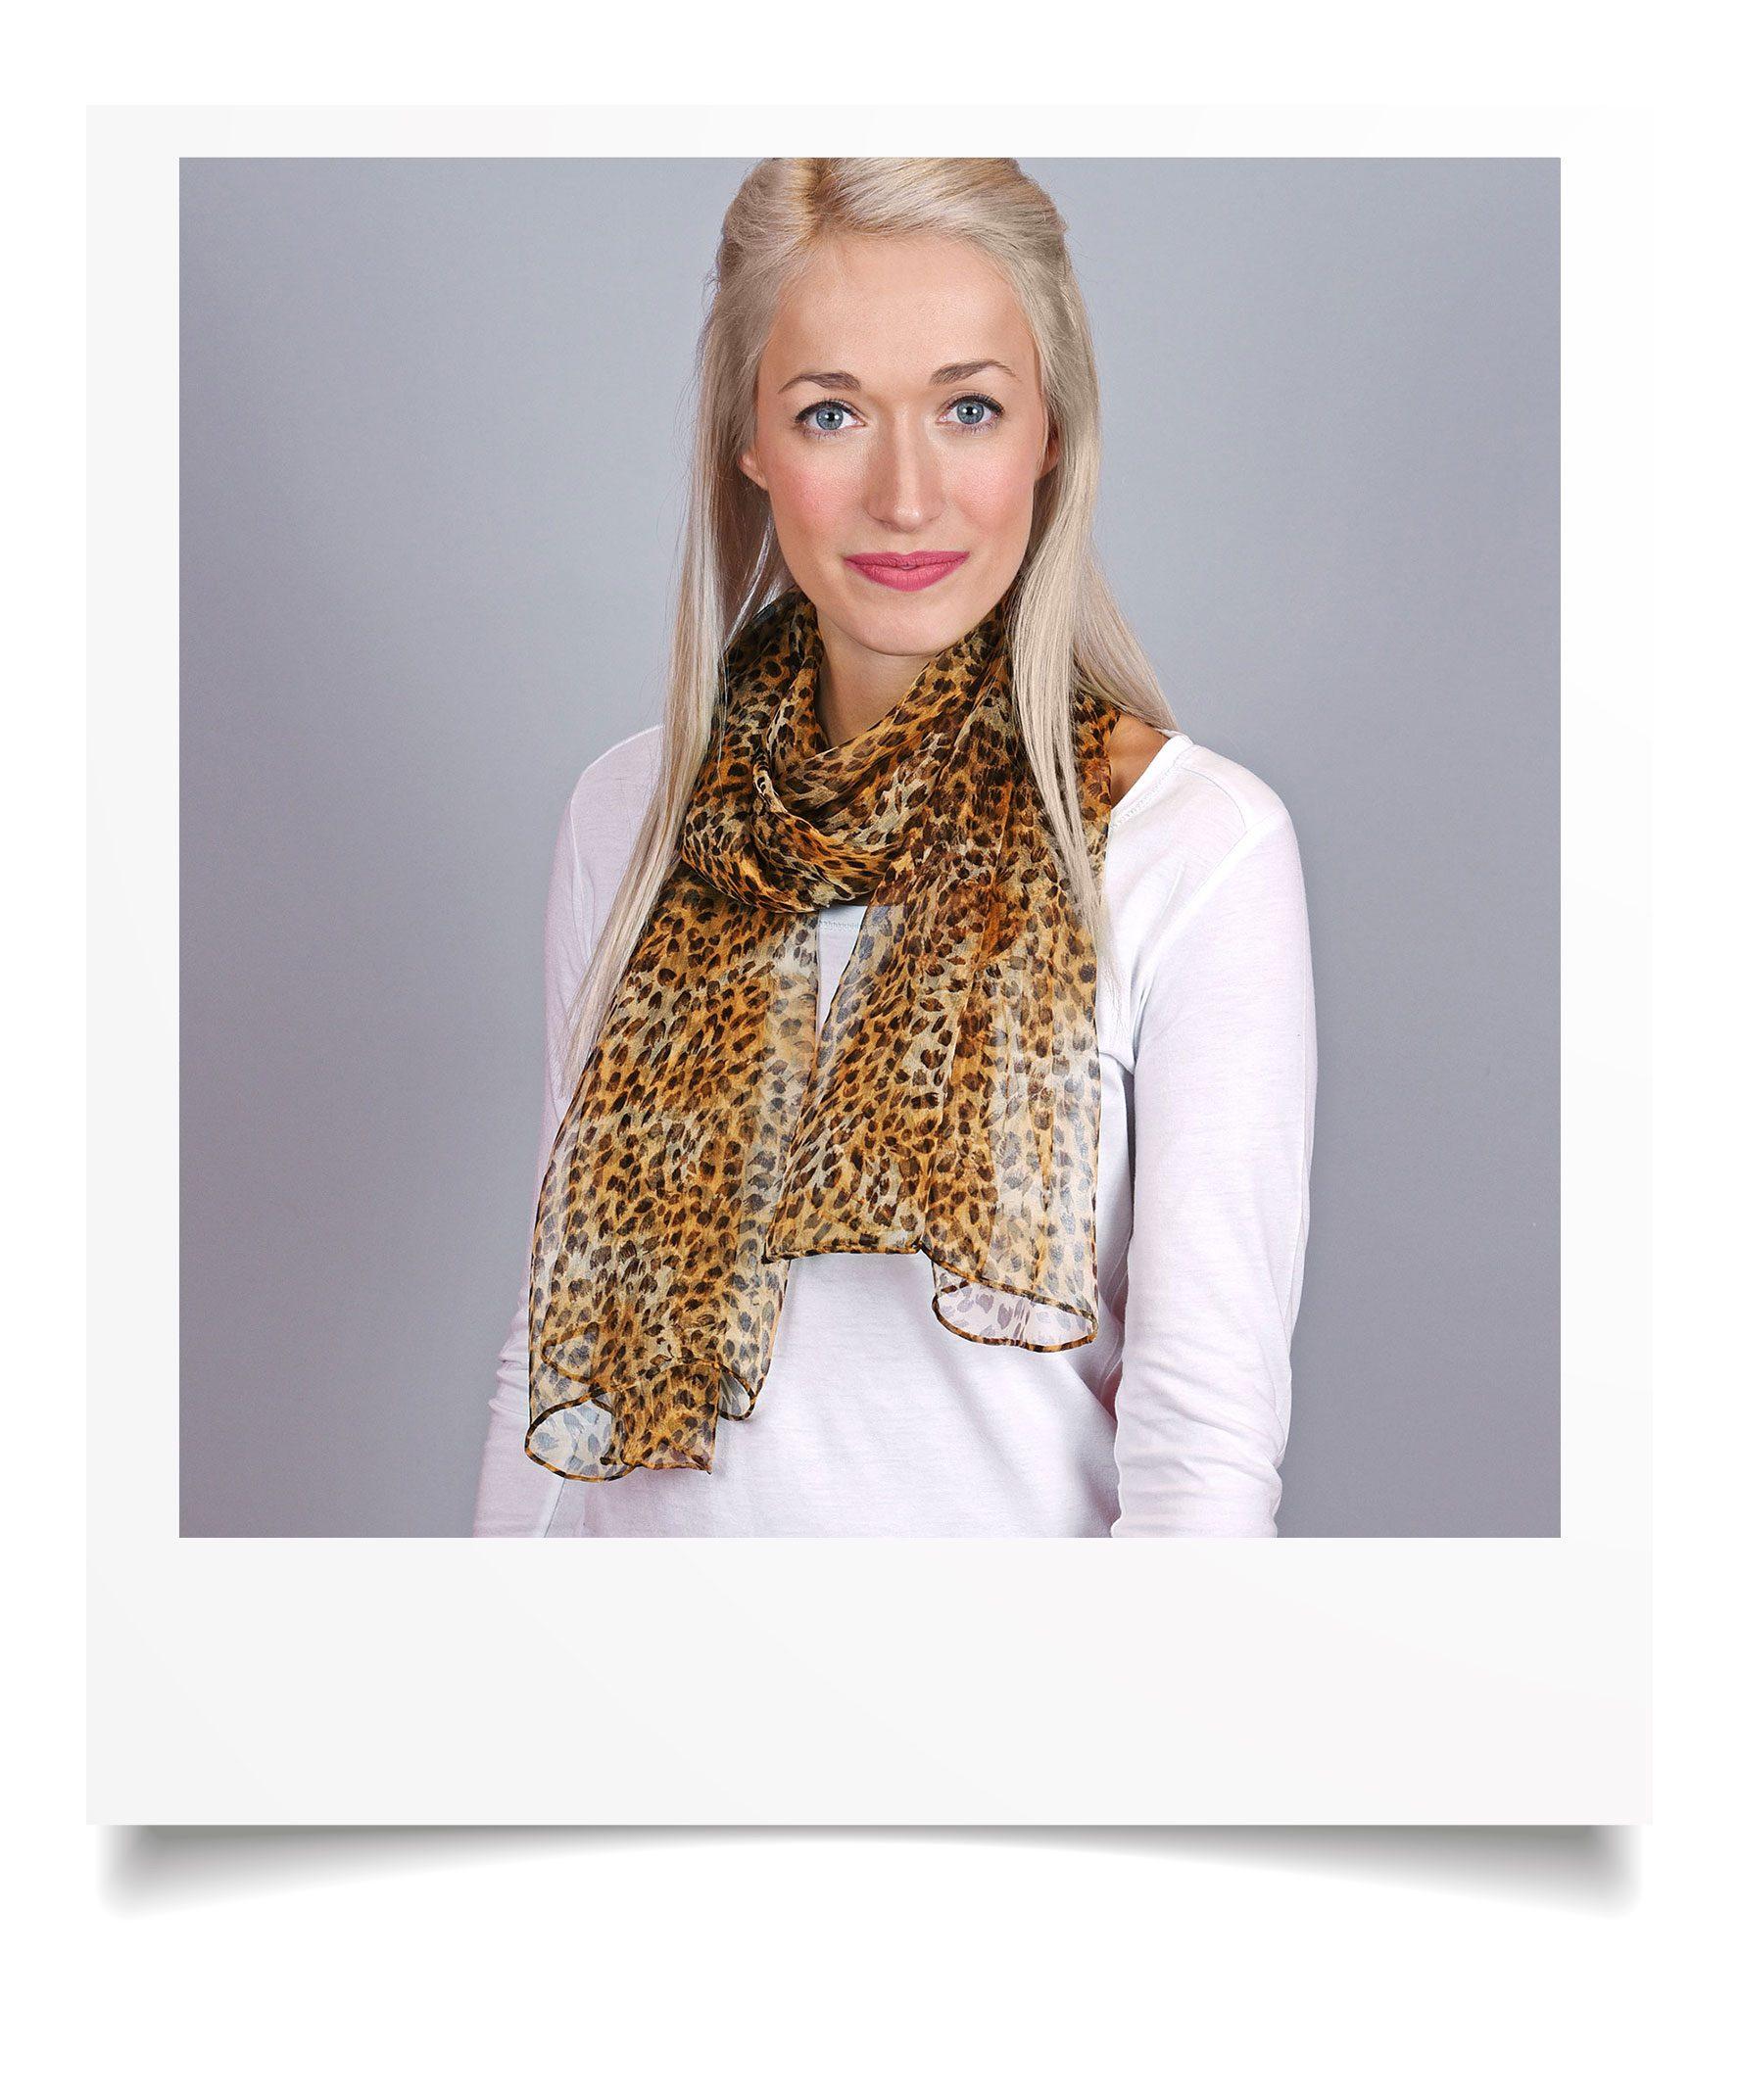 http://lookbook.allee-du-foulard.fr/wp-content/uploads/2018/09/0695-9-ADF-Accessoires-de-mode-LB-Selection_leopard-mousseline-guepard-1776x2144.jpg